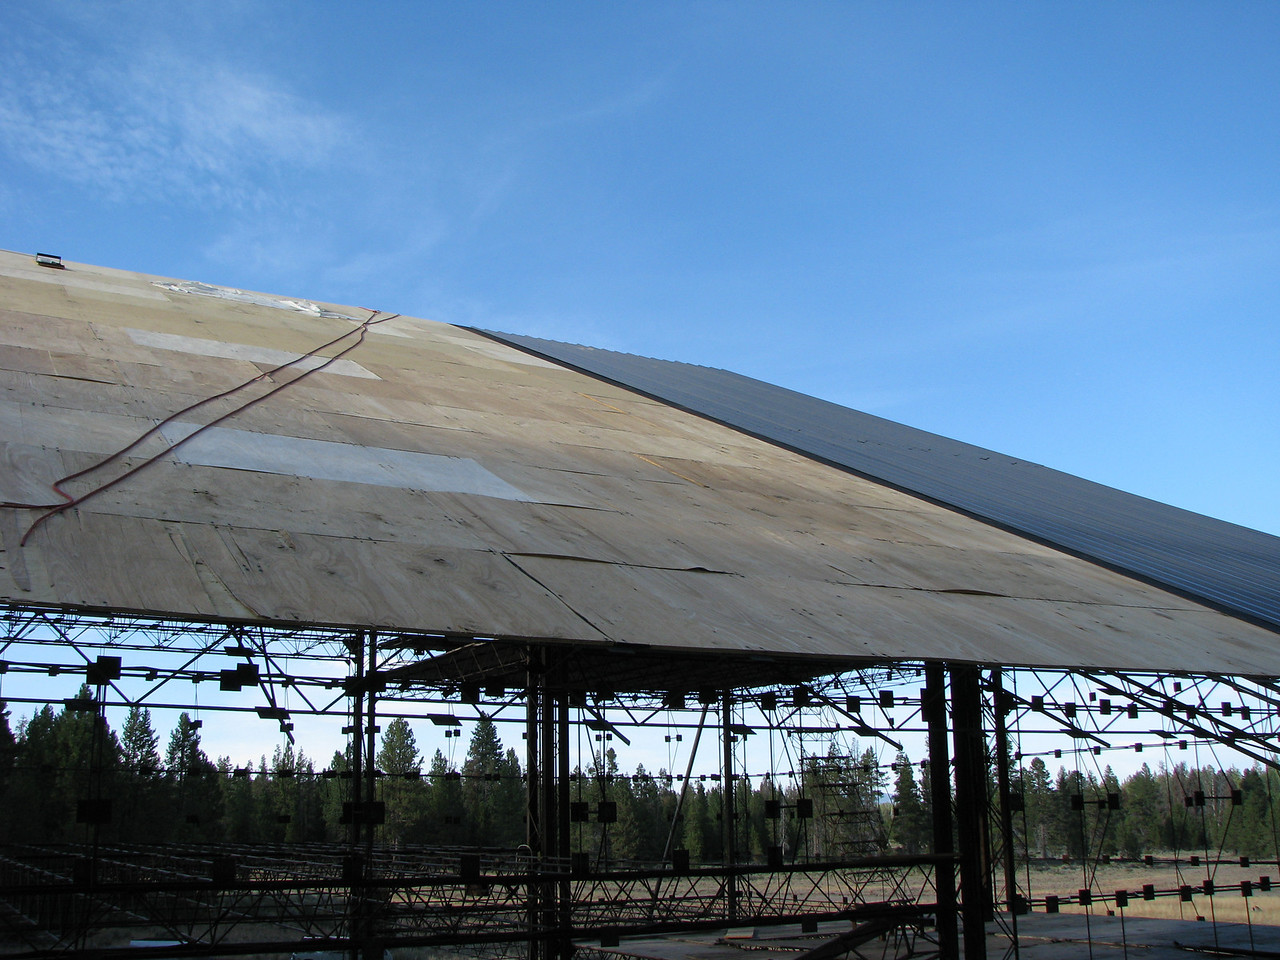 Lances_Roof-176